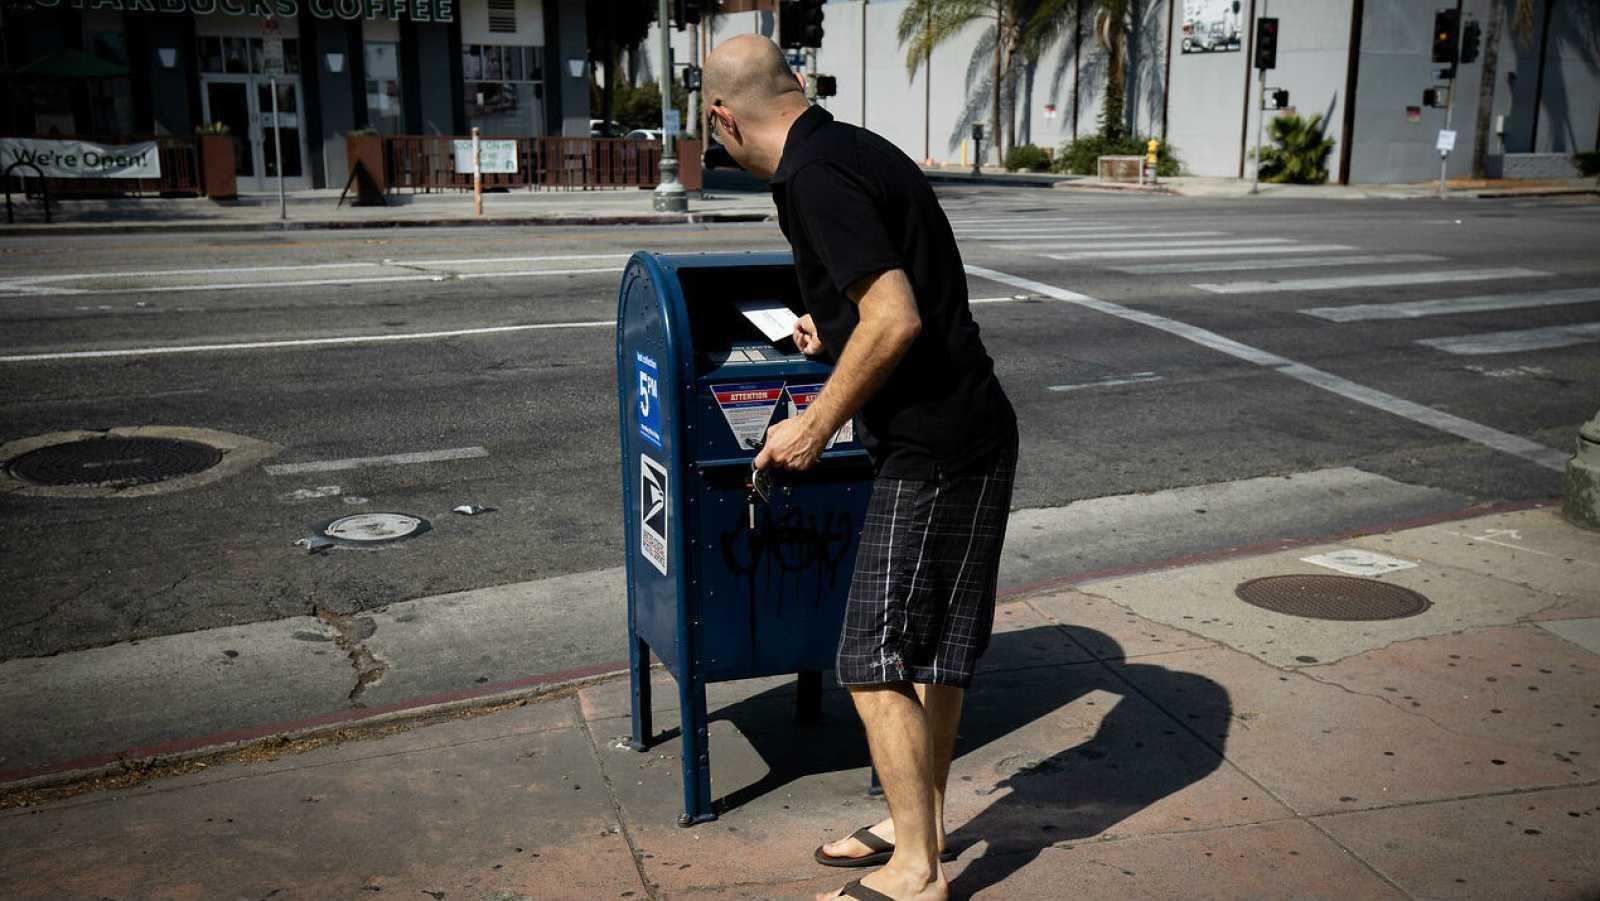 Un hombre arroja correo en un buzón de correo de USPS frente a una oficina de correos en Los Ángeles, California.